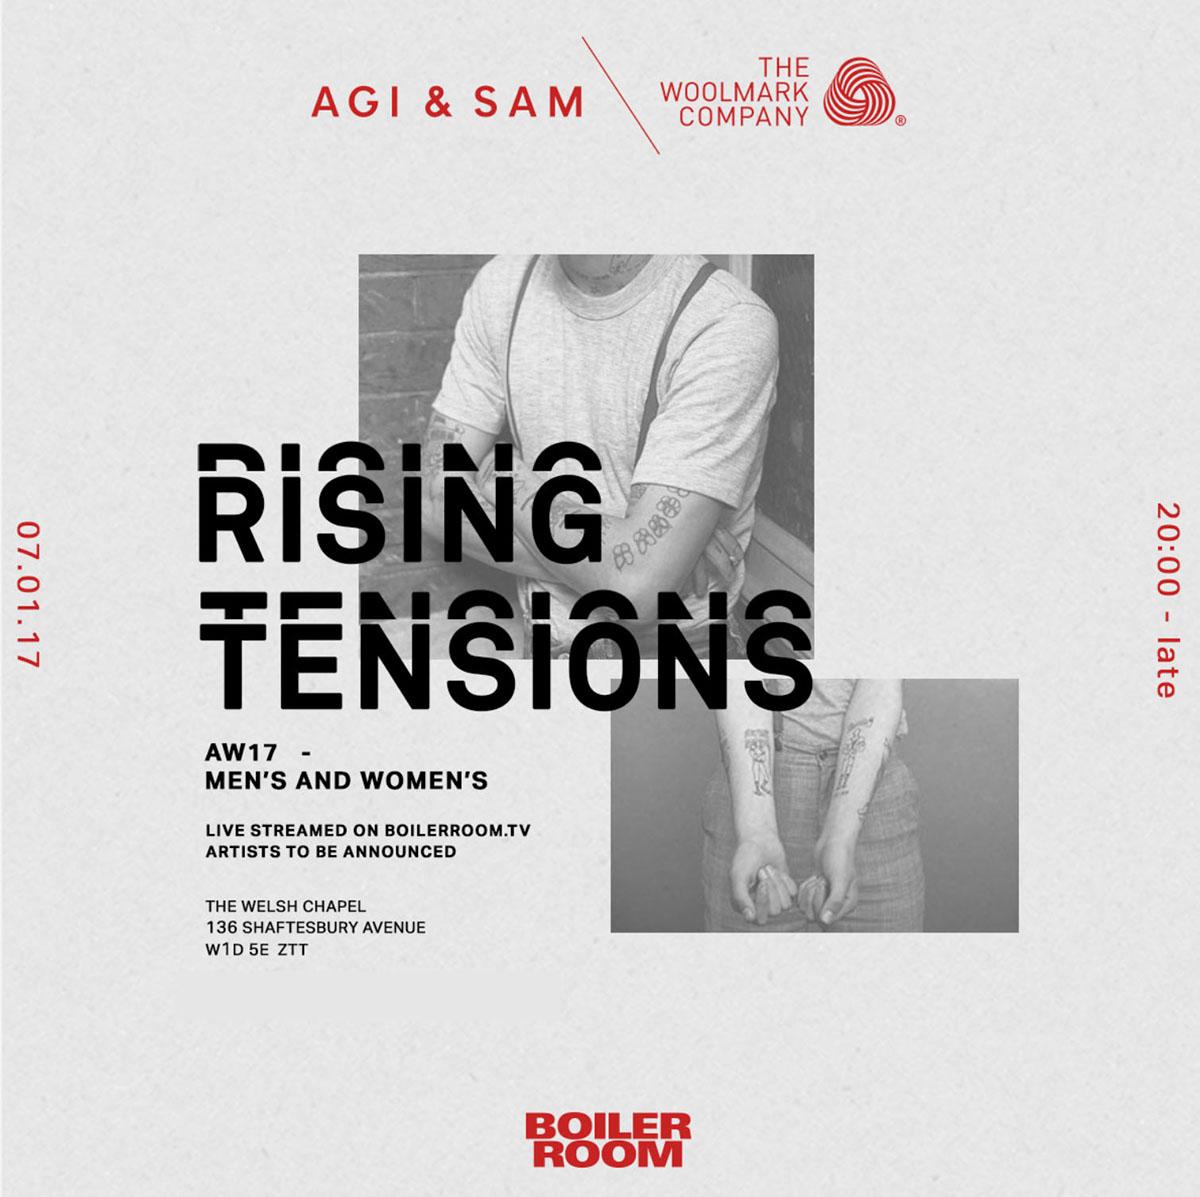 AGI & SAM x Boiler Room I LFW Invites on Behance